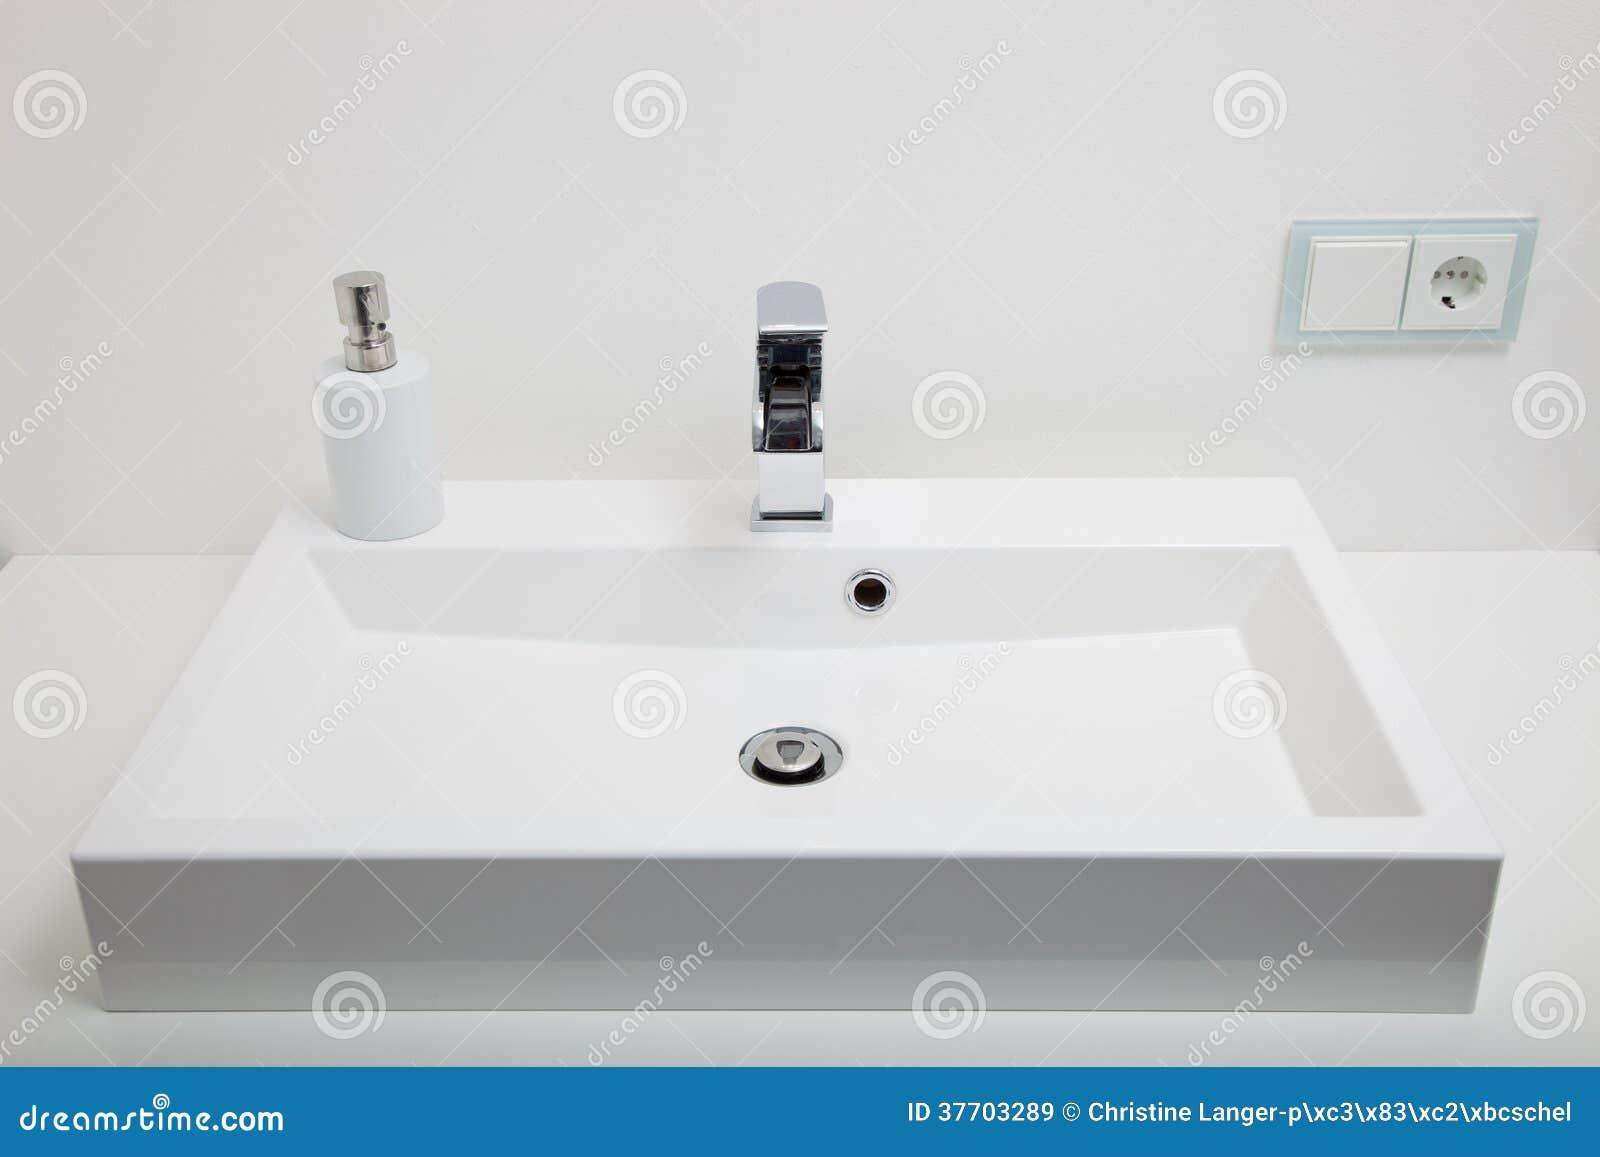 Lavandino Bianco Normale In Un Bagno Immagine Stock - Immagine di ...